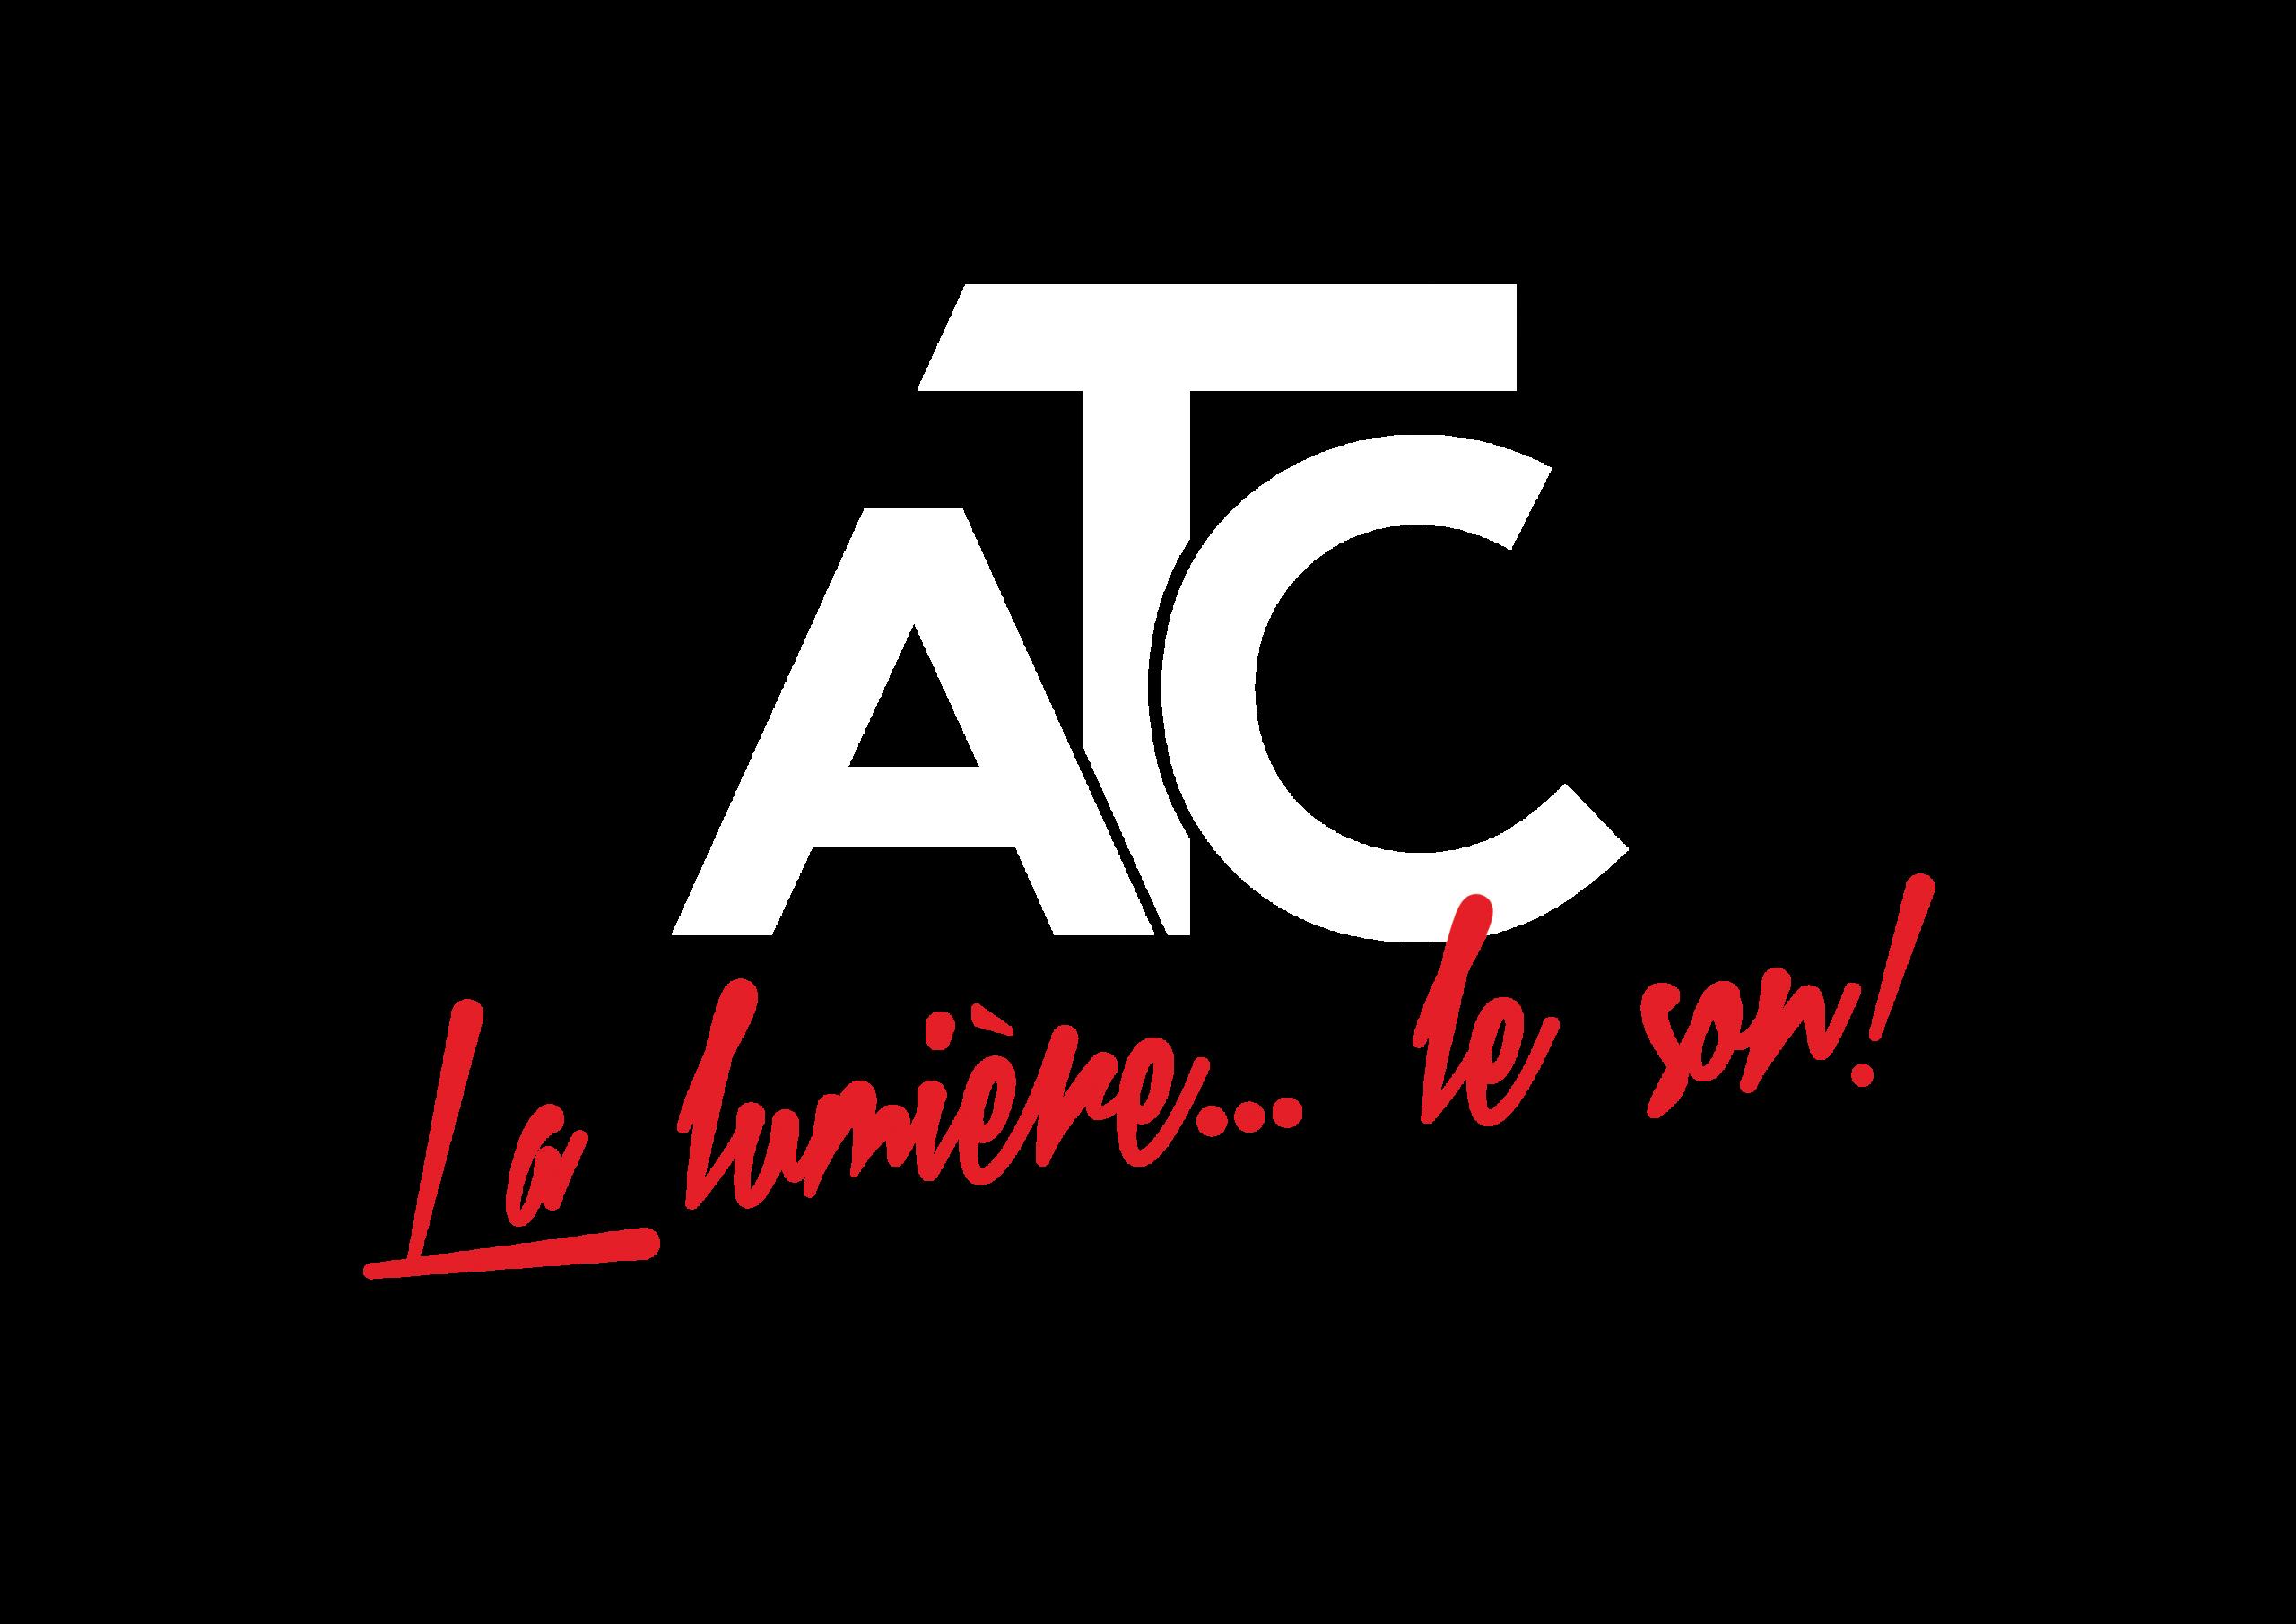 ATC LA LUMIERE ET LE SON